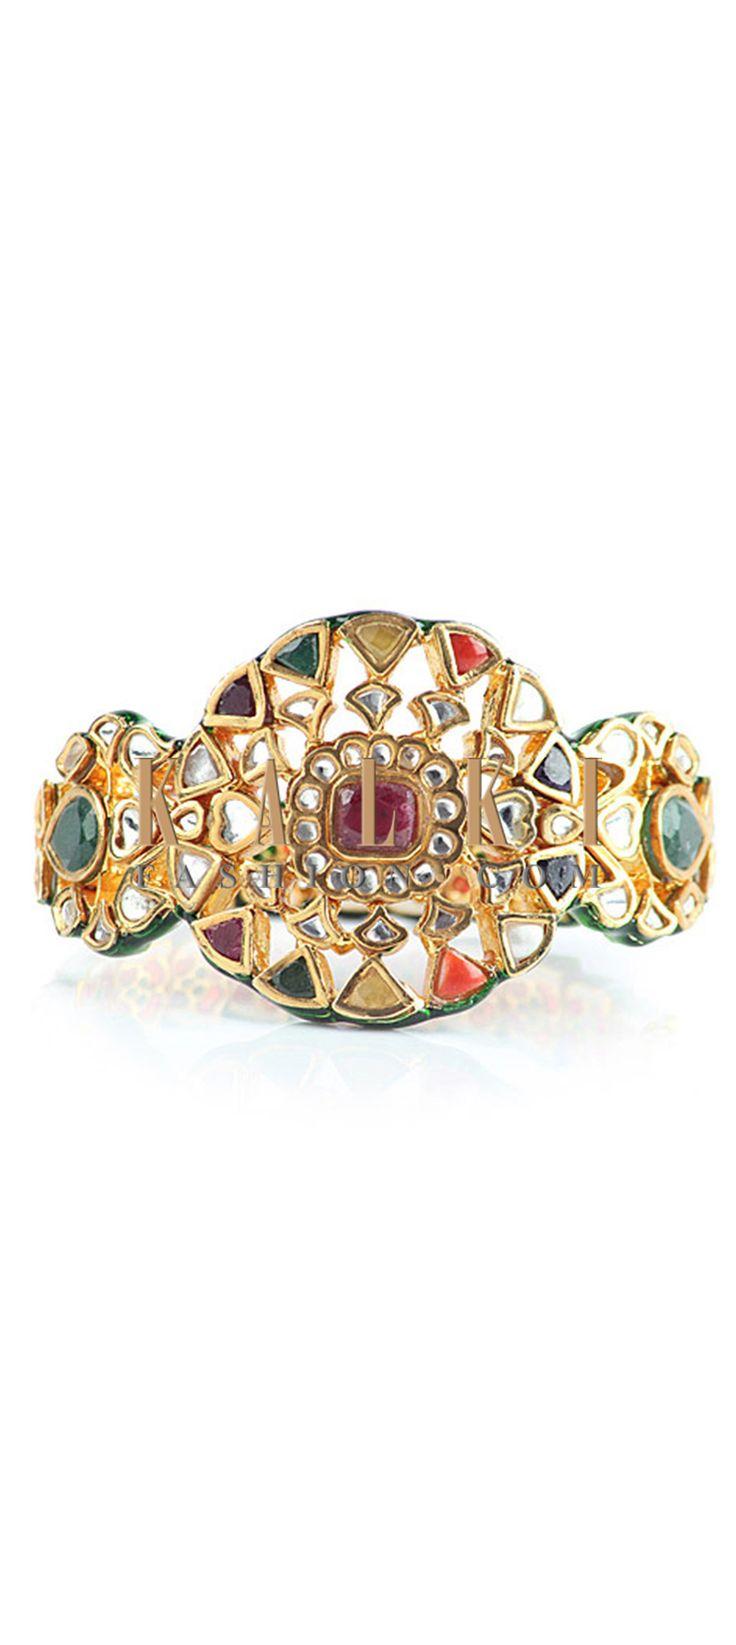 Buy Online from the link below http://www.kalkifashion.com/traditional-kundan-kada-style-bracelet.html